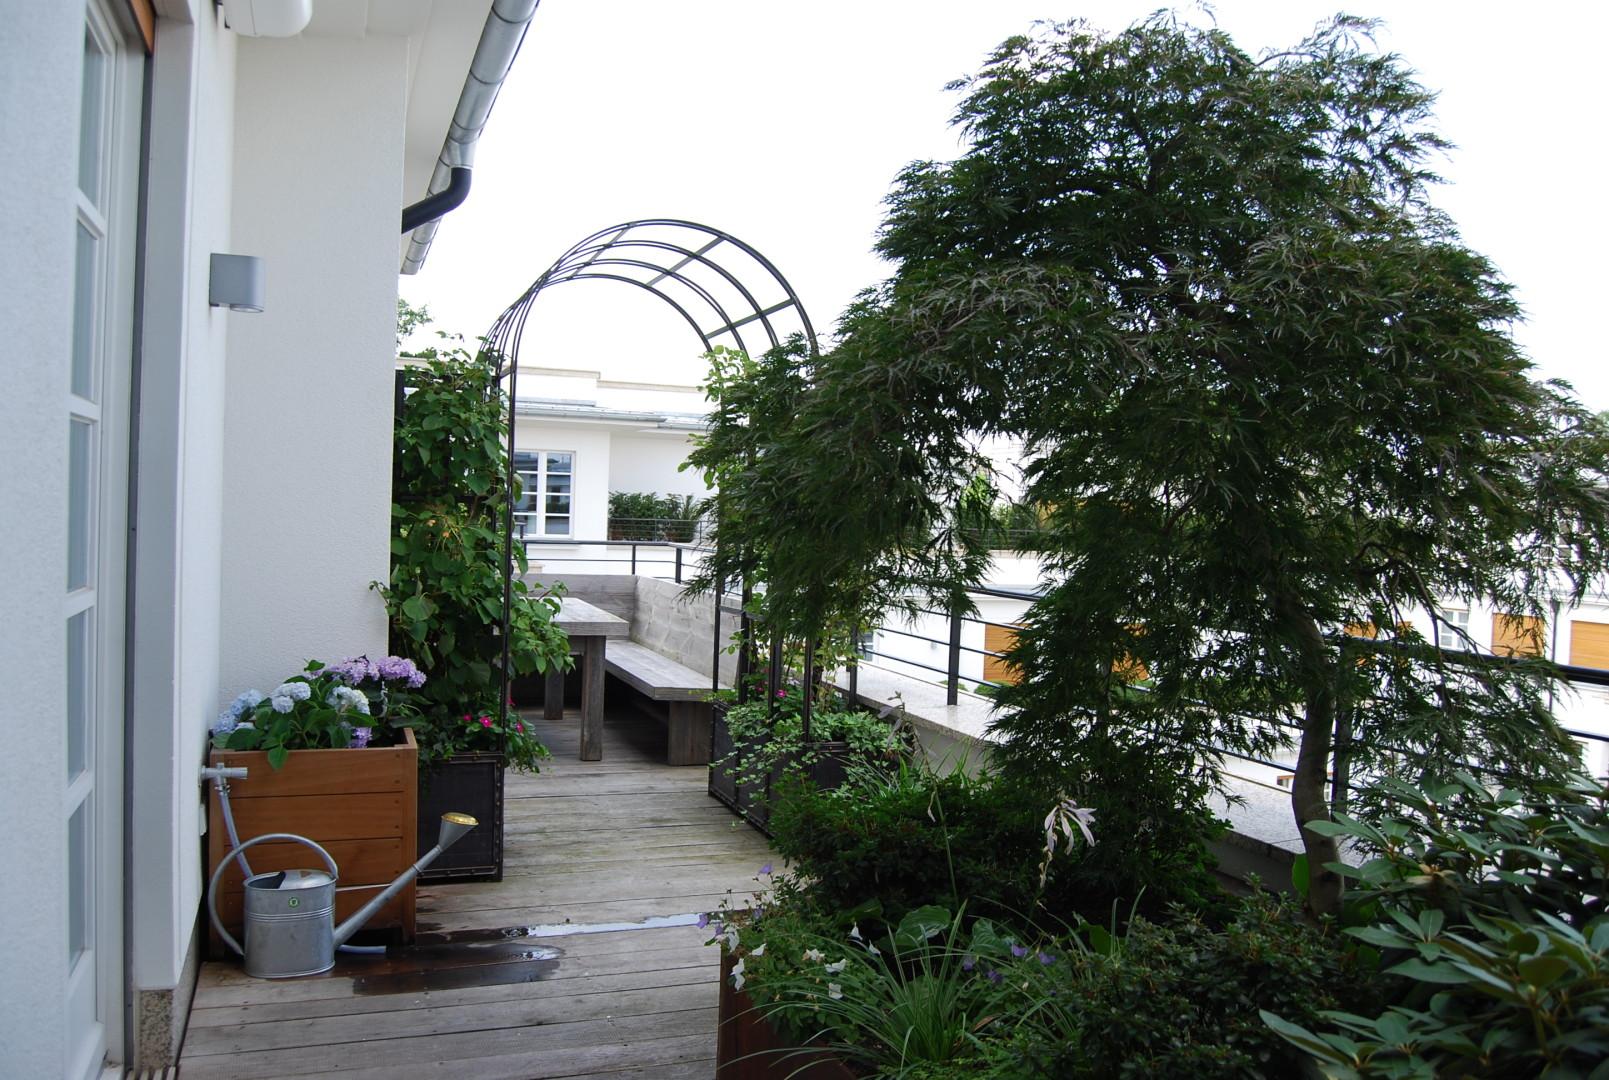 Lenbachgärten München - Private Dachterrassen